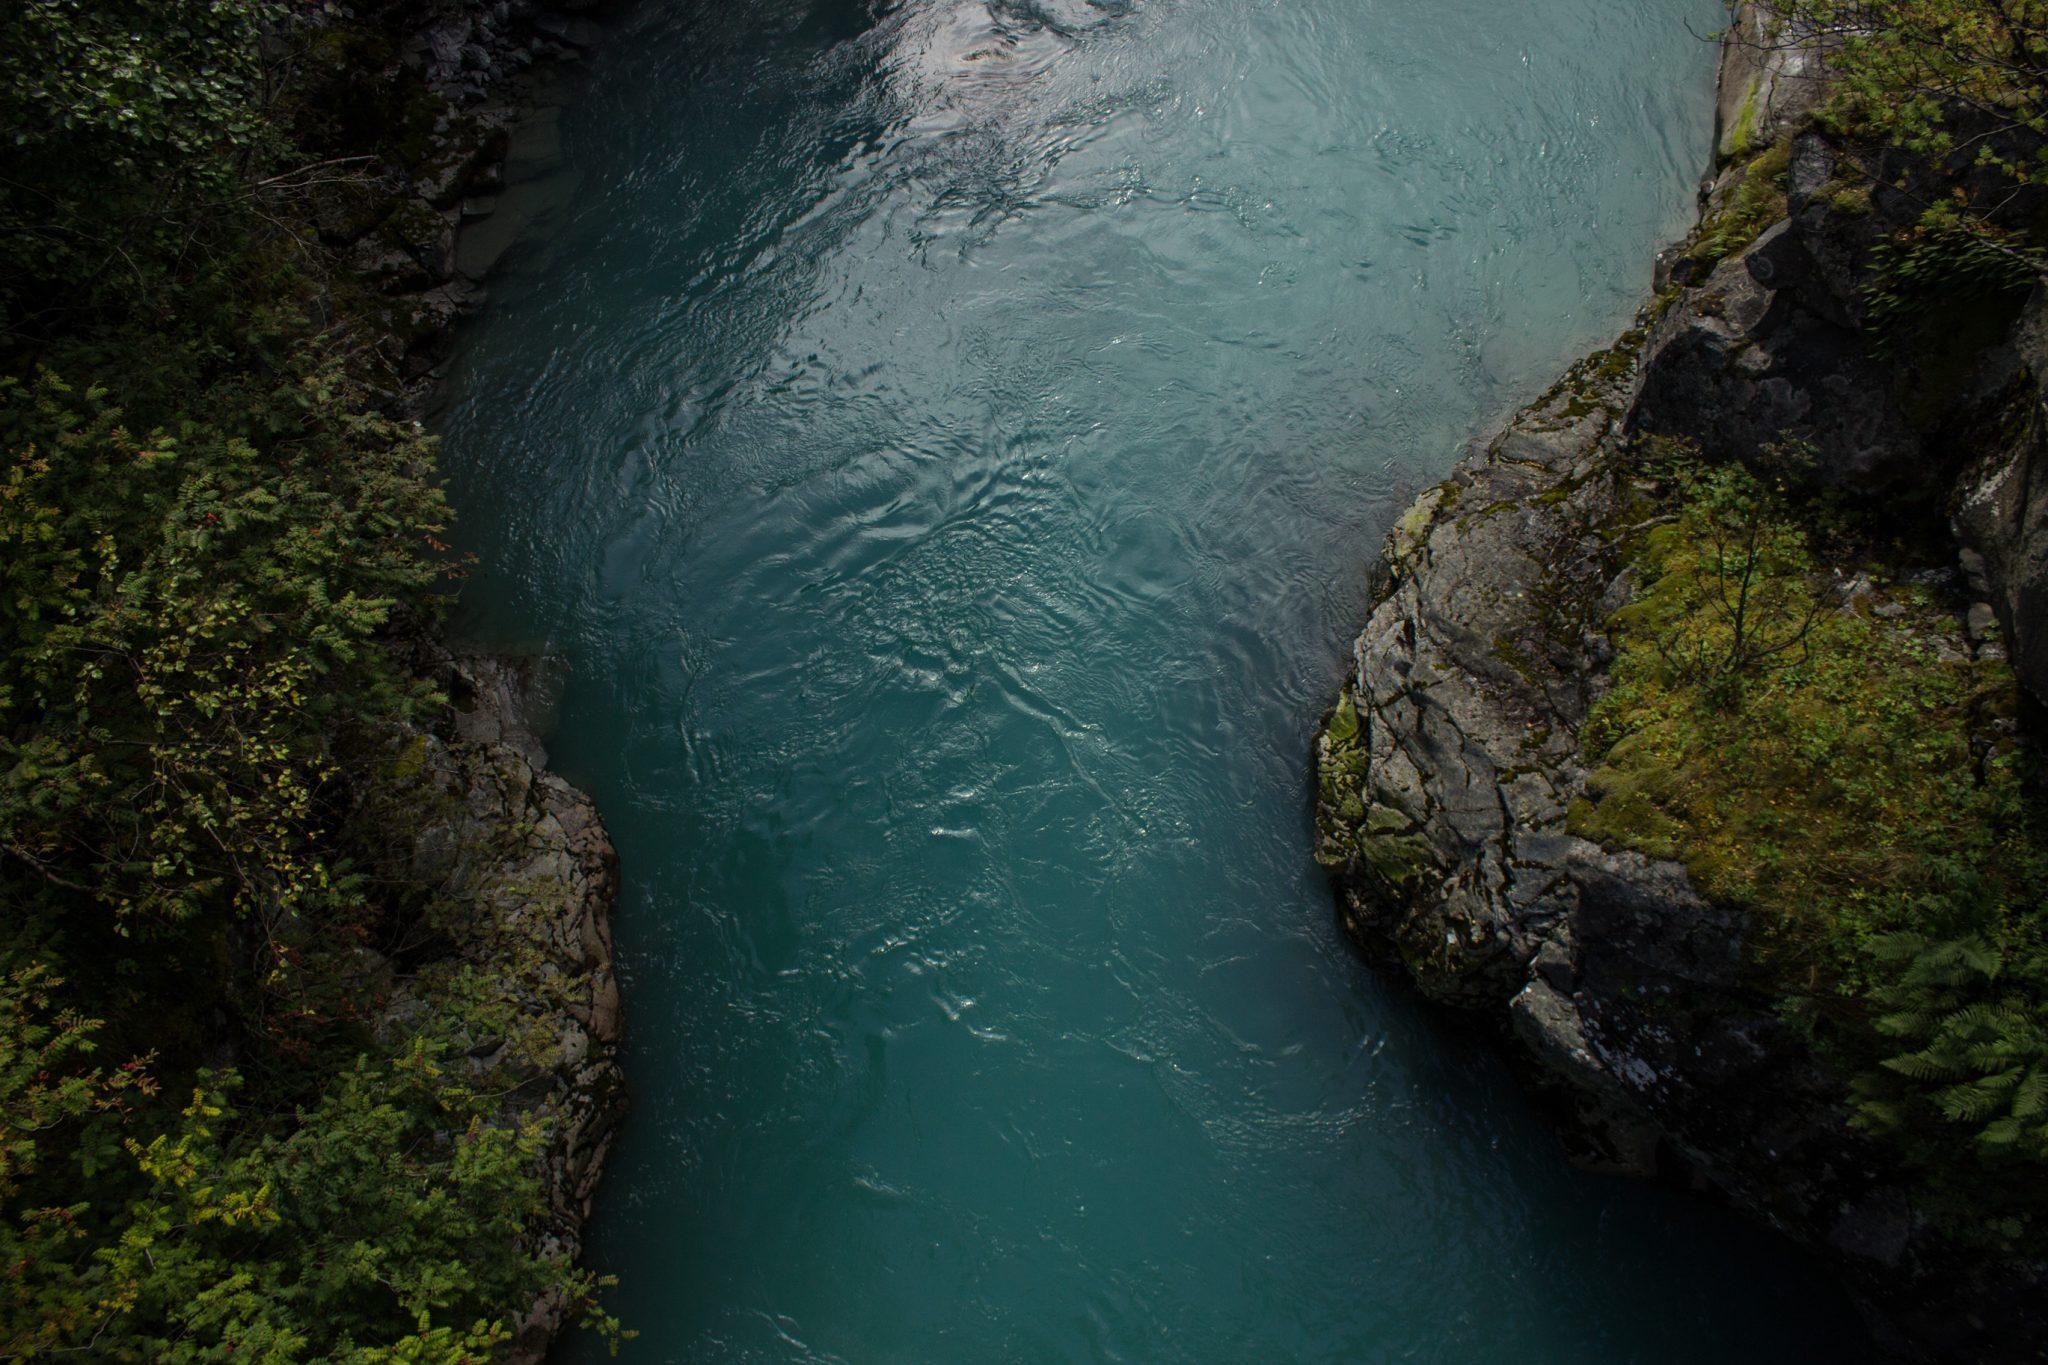 Wanderung zum Vettisfossen Wasserfall, höchster unregulierter Wasserfall in Norwegen, Blick von Brücke auf sehr klares Wasser im Fluß